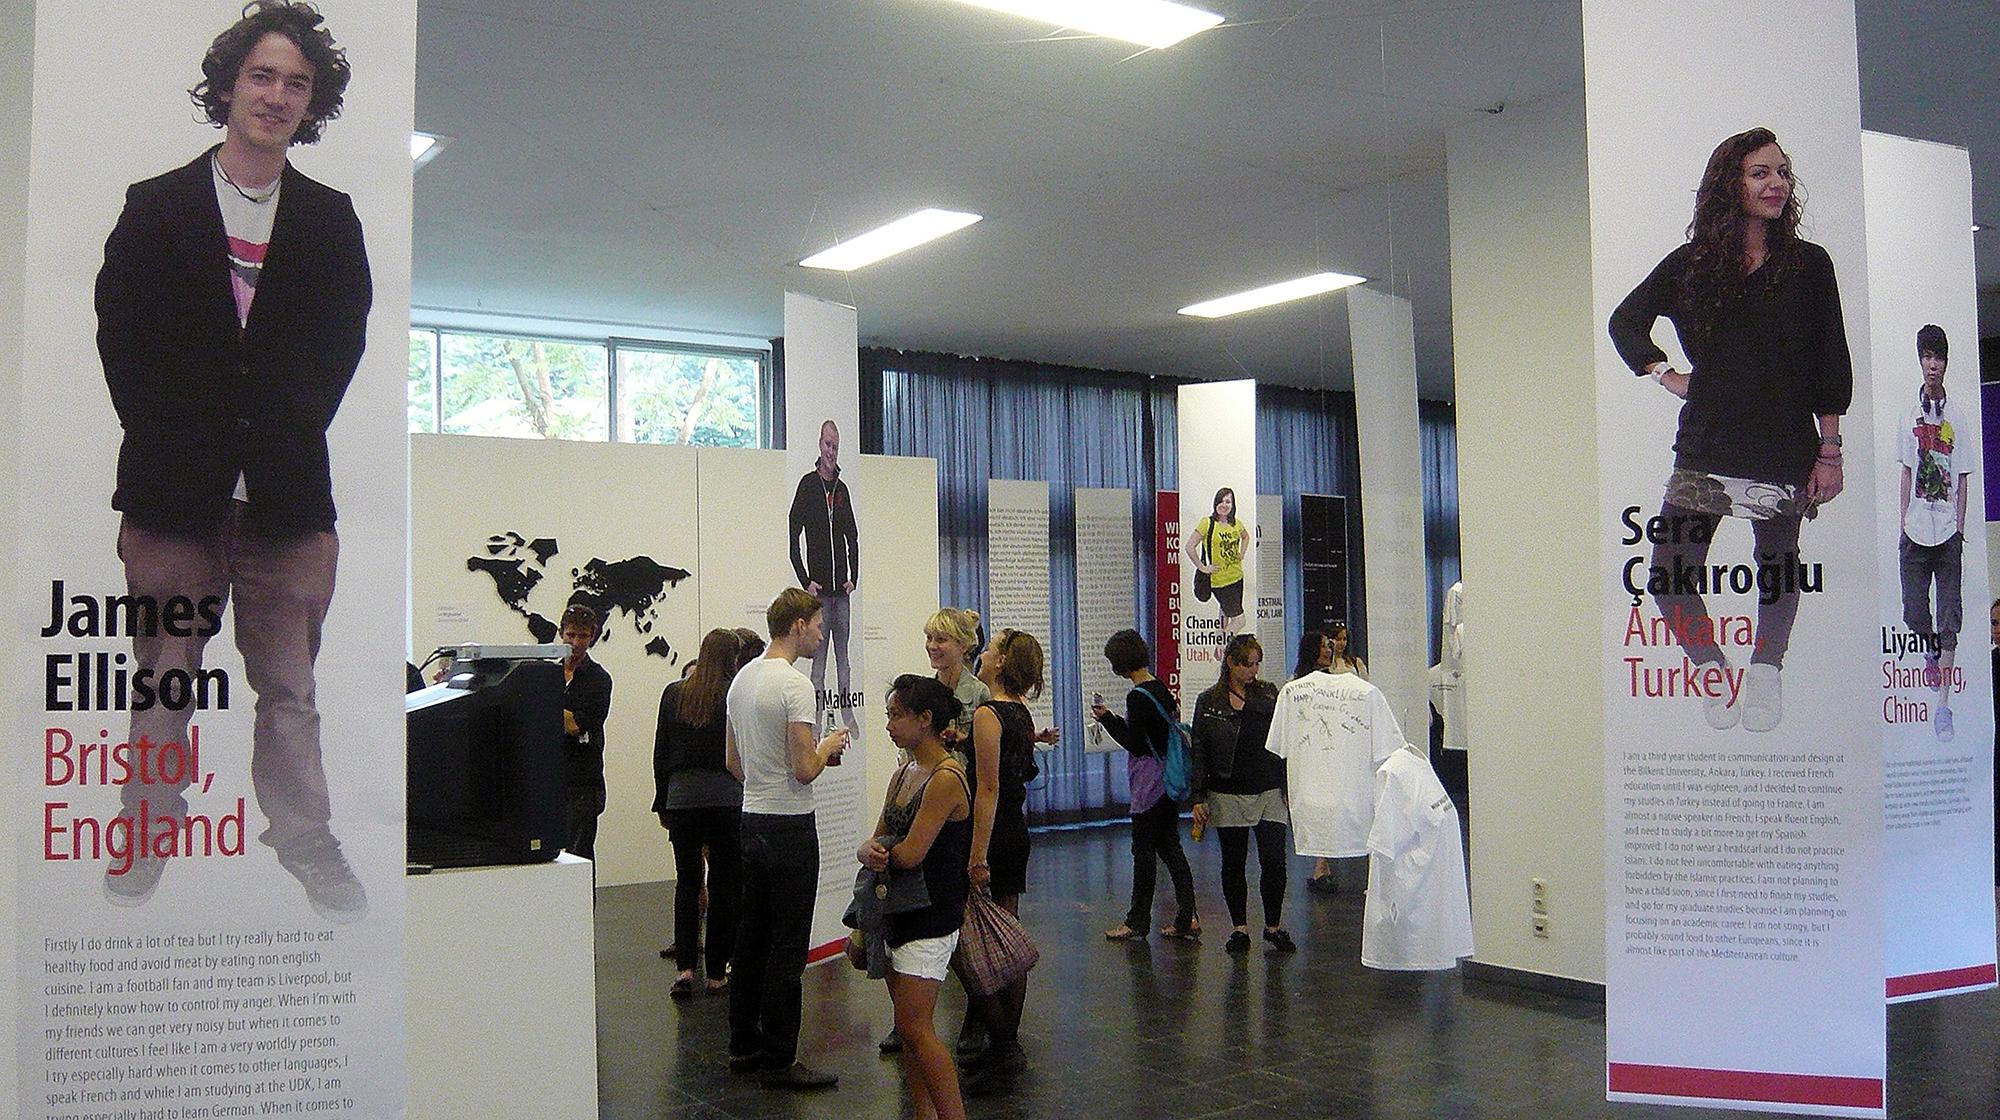 exhibit opening scene